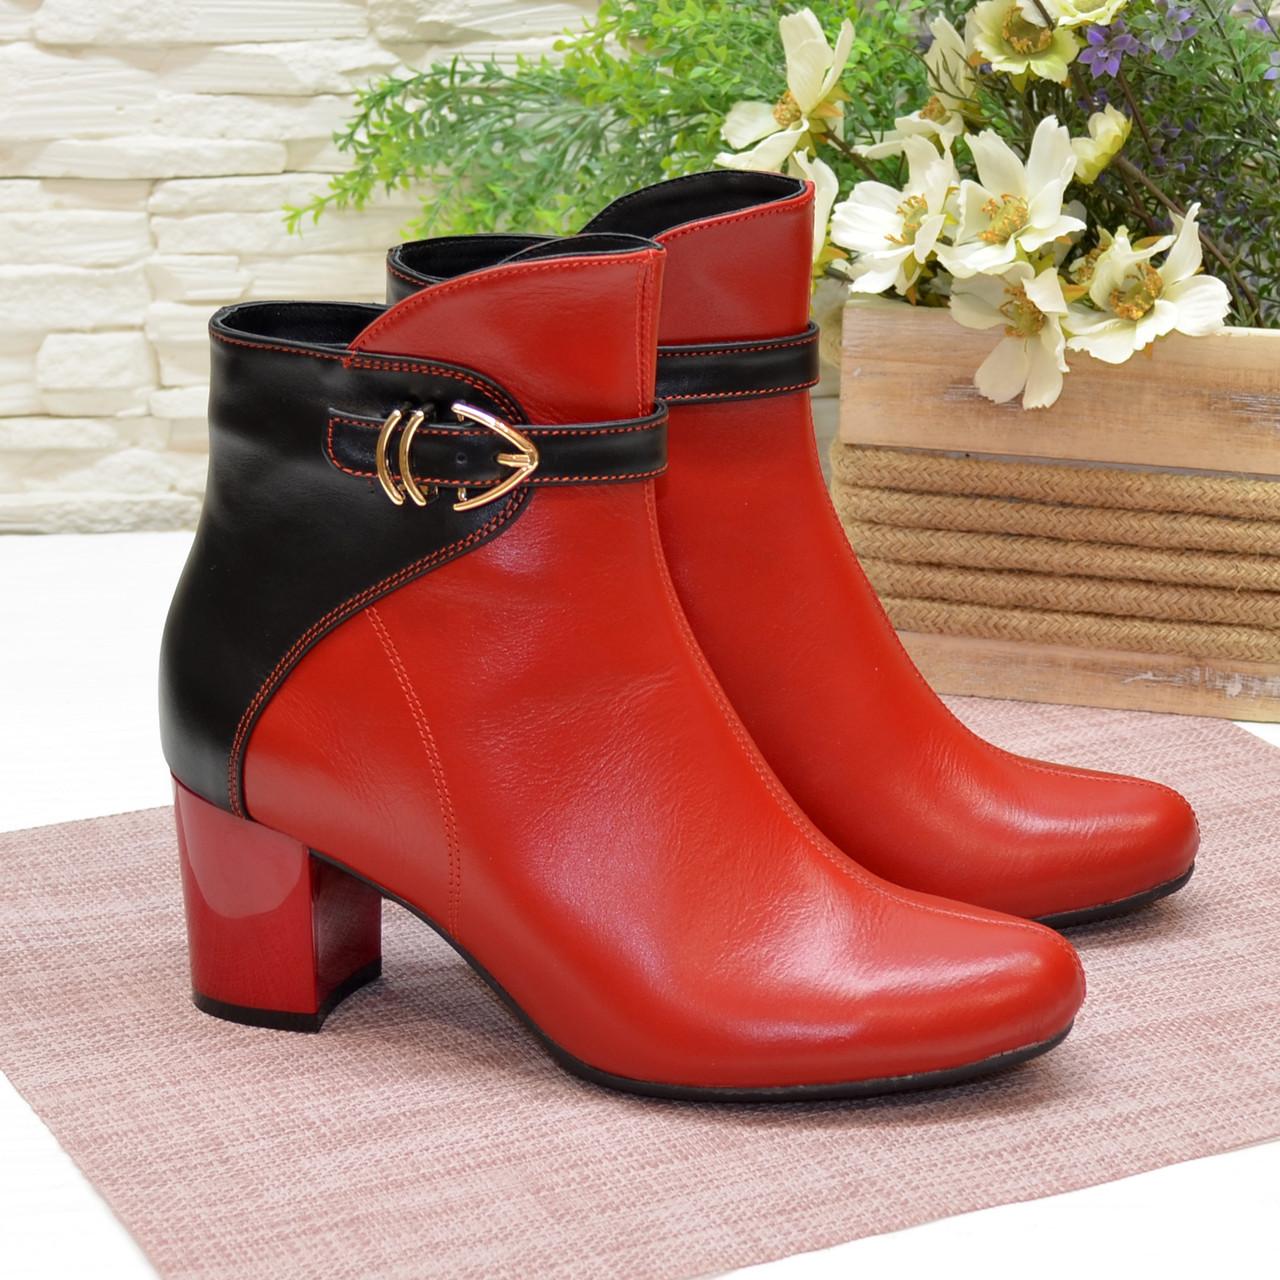 Черевики шкіряні туфлі на невисокому каблуці, колір червоний/чорний